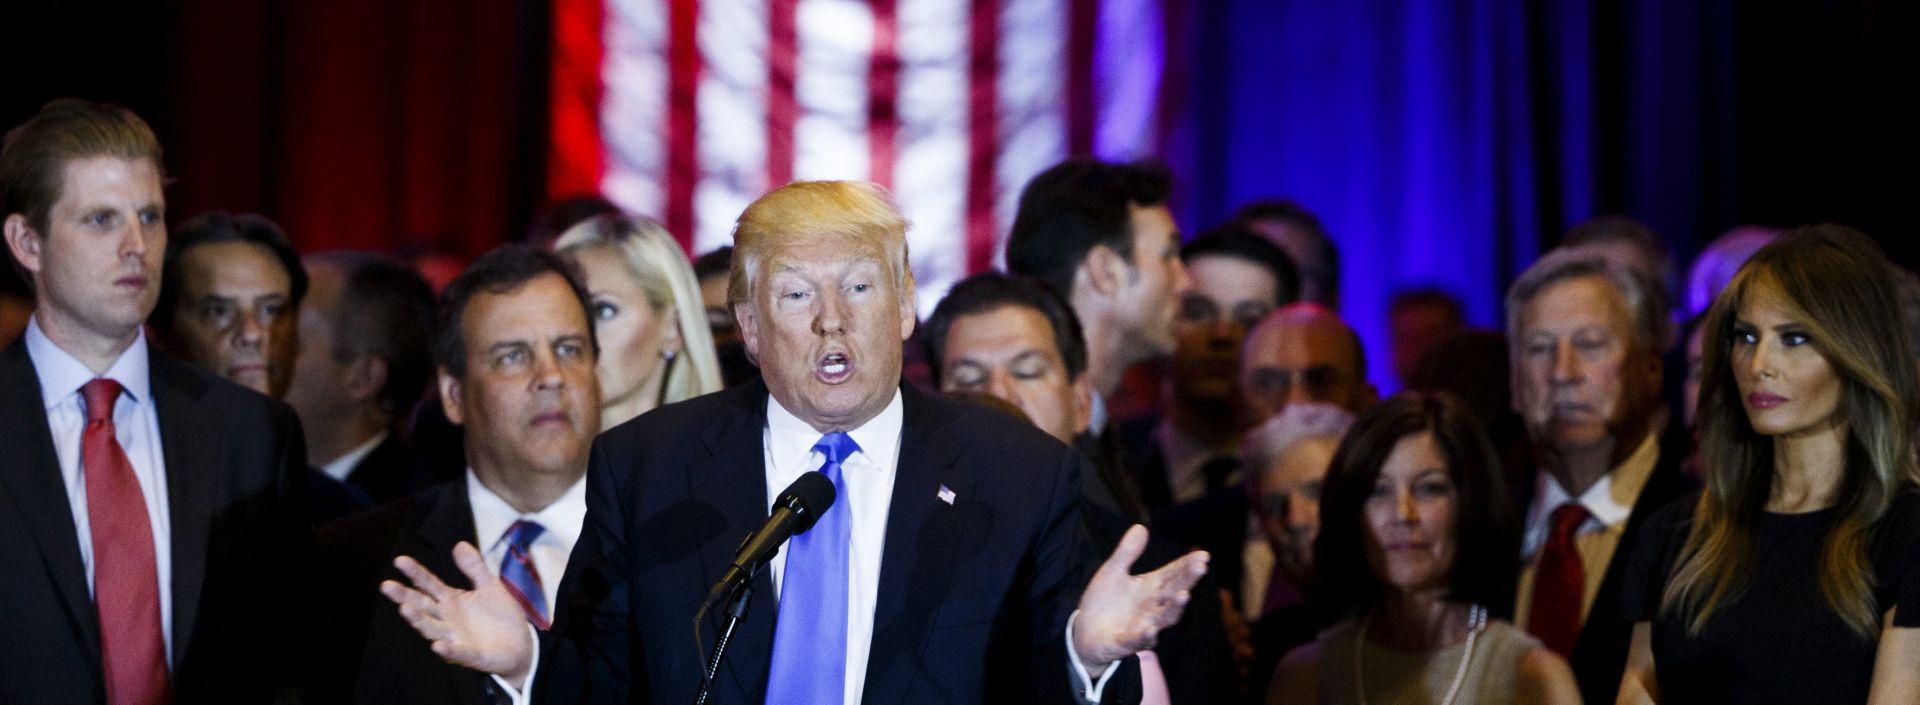 PREDIZBORI: Donald Trump pobijedio u Washingtonu